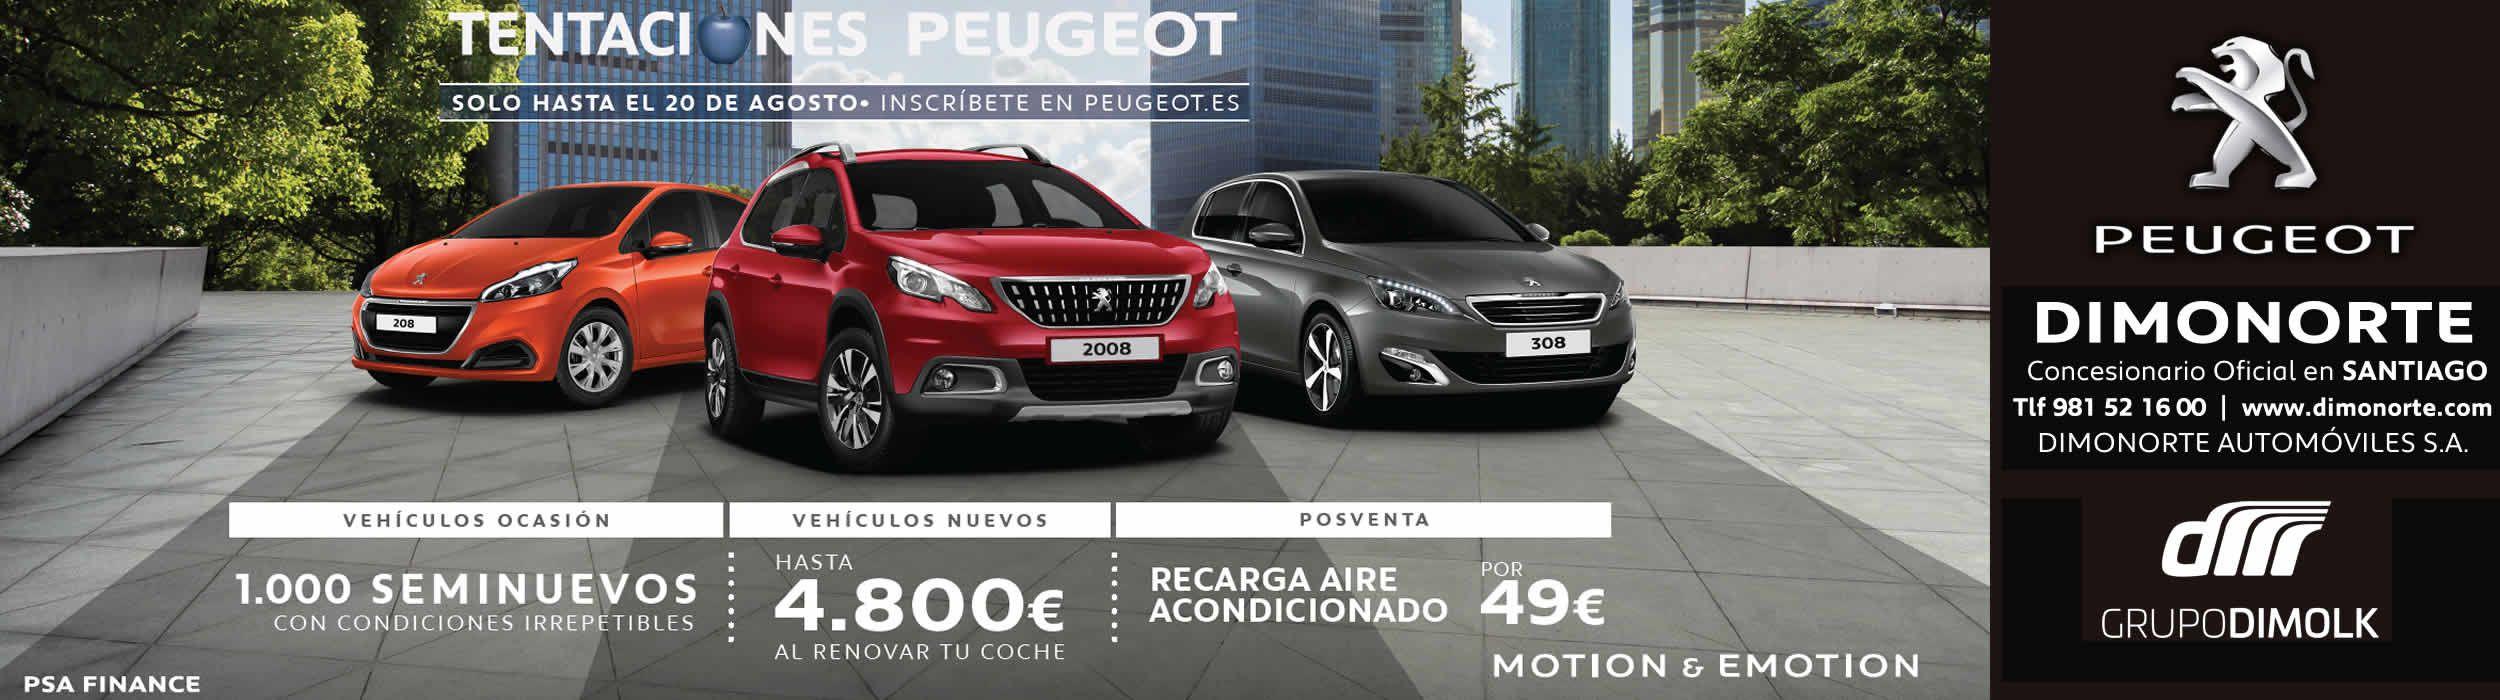 Tentaciones Peugeot Dimonorte